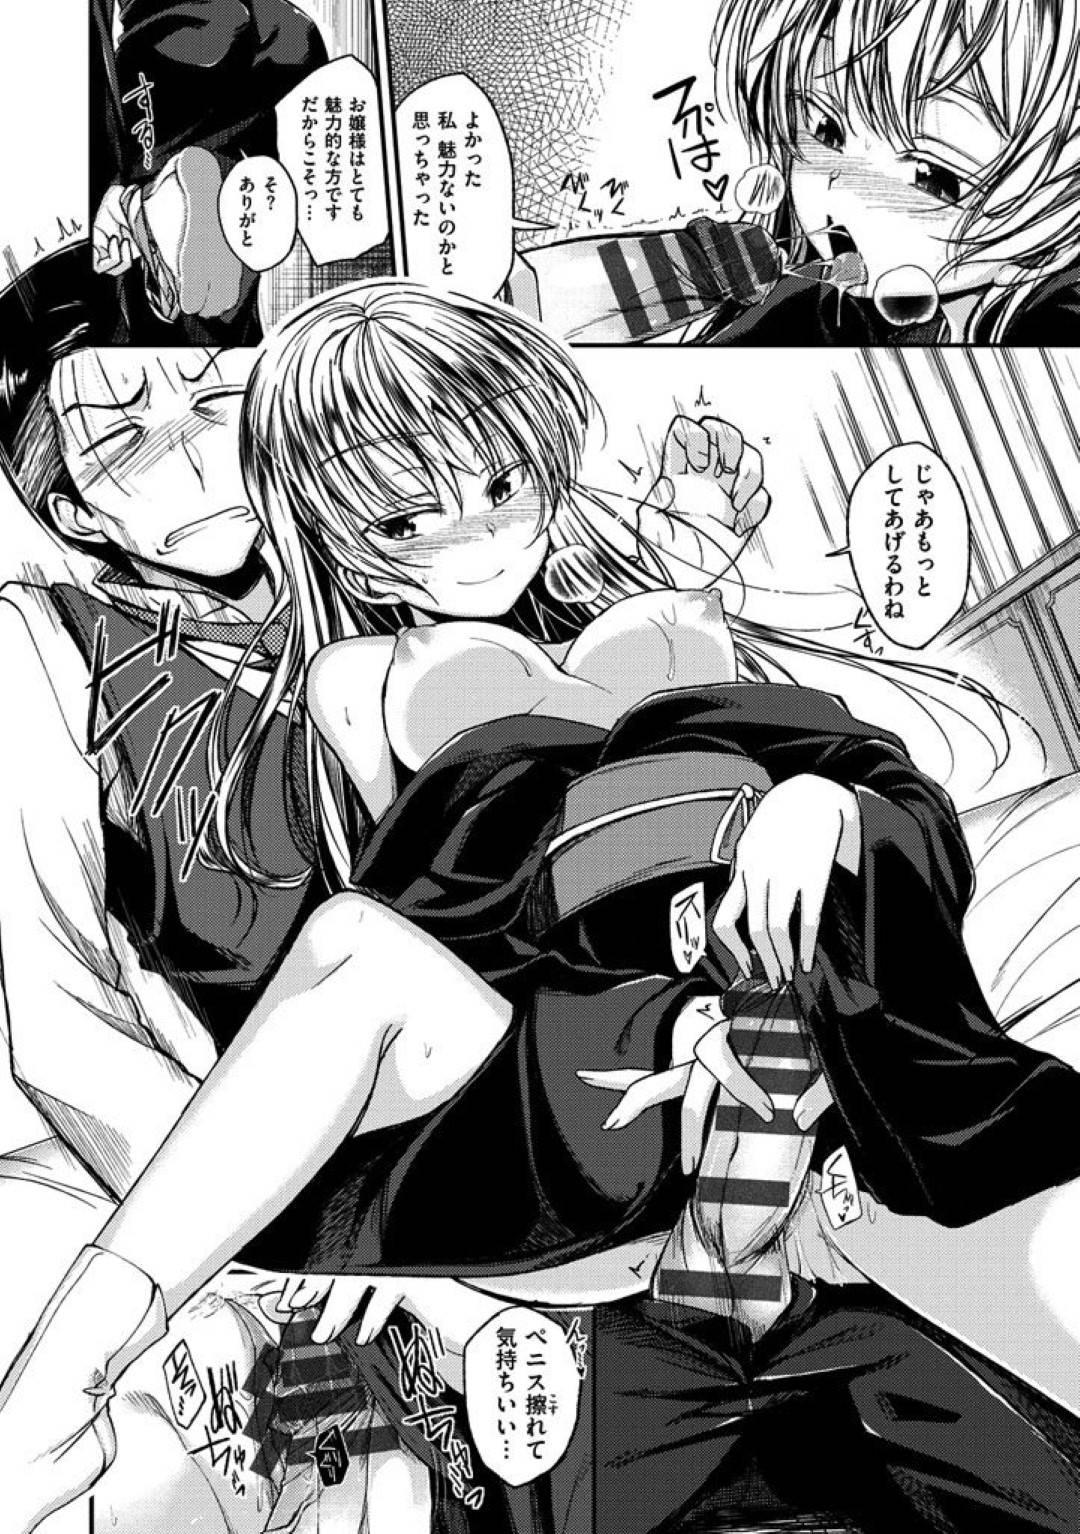 【エロ漫画】召使いに恋をしちゃっているエロかわいいお嬢様…逆レイプに手コキしたりして中出しセックスでイチャラブしちゃう!【平間ひろかず:ろしあんぶれんど】